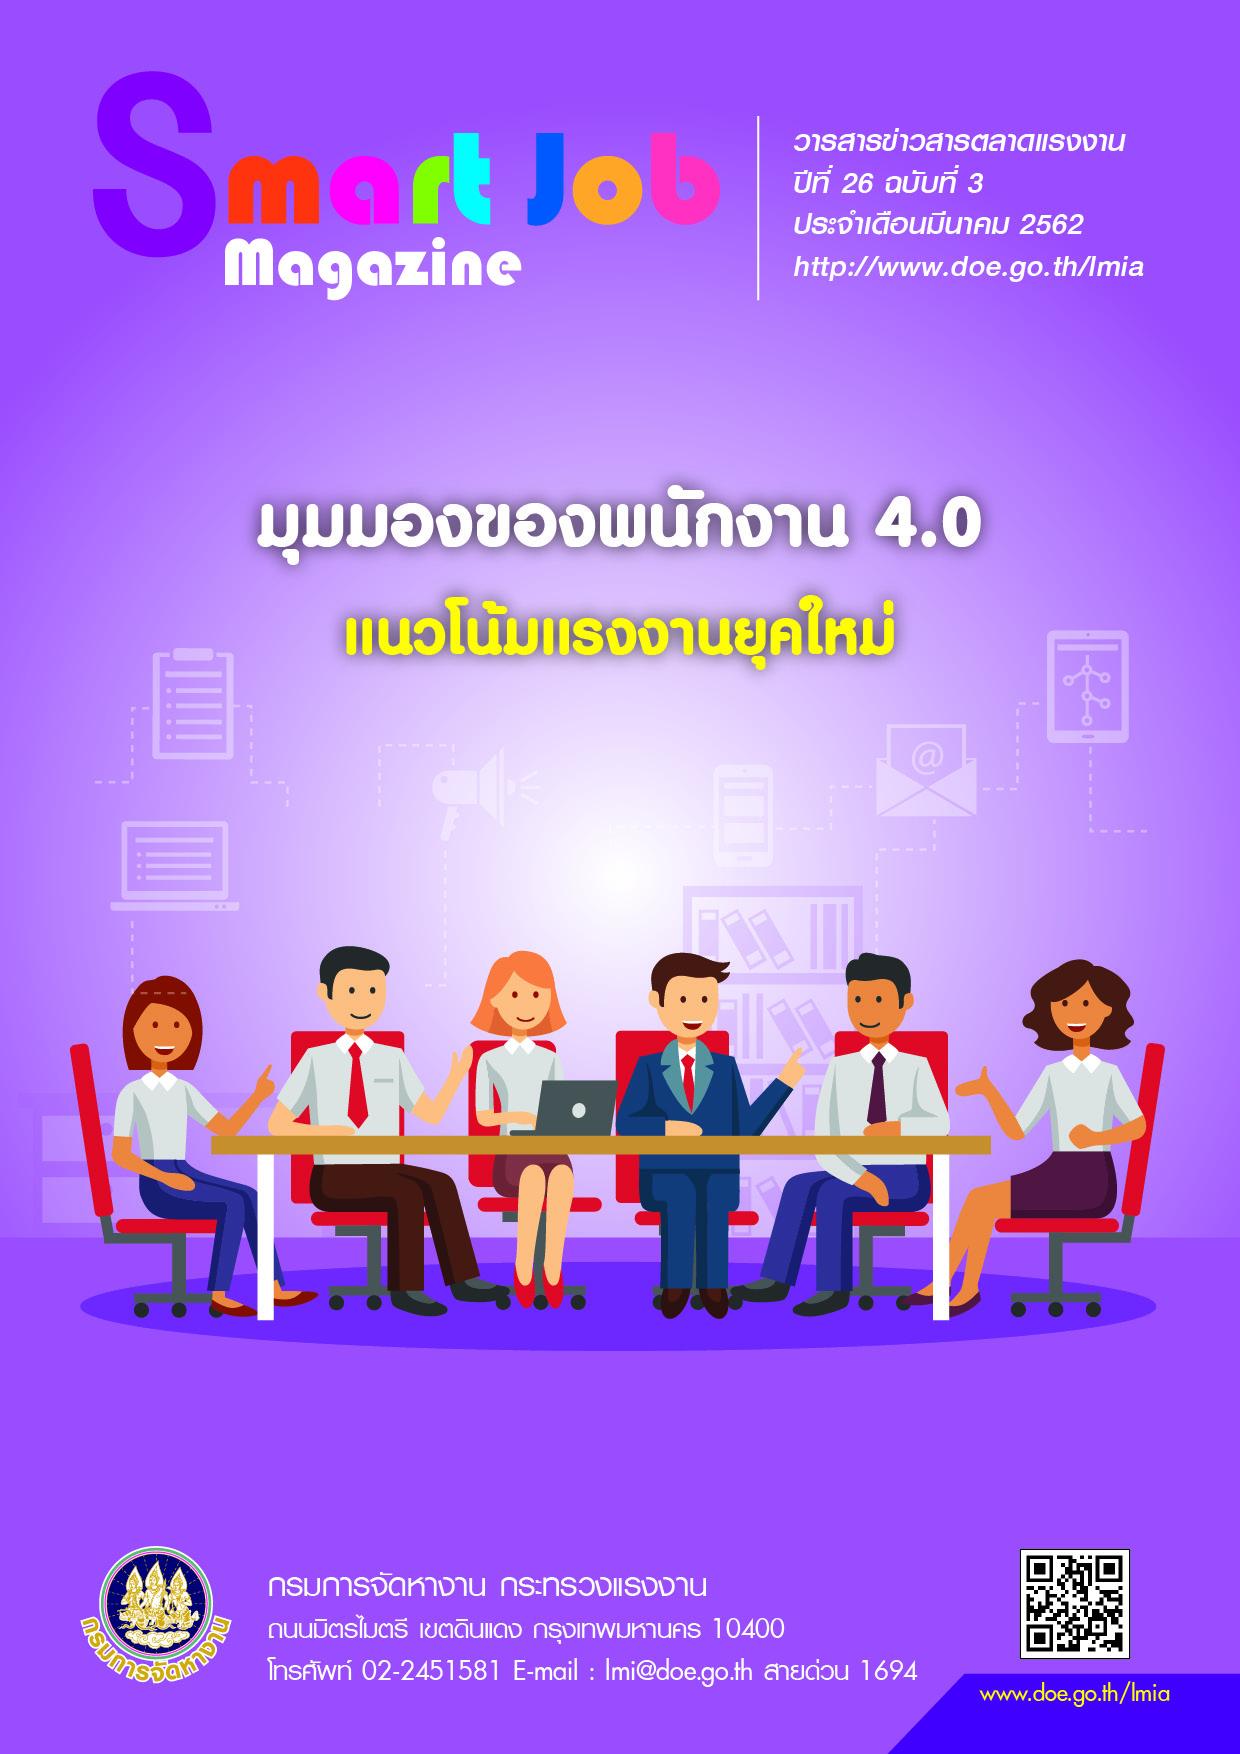 วารสารข่าวสารตลาดแรงงาน Smart Job Magazine ประจำเดือนมีนาคม 2562